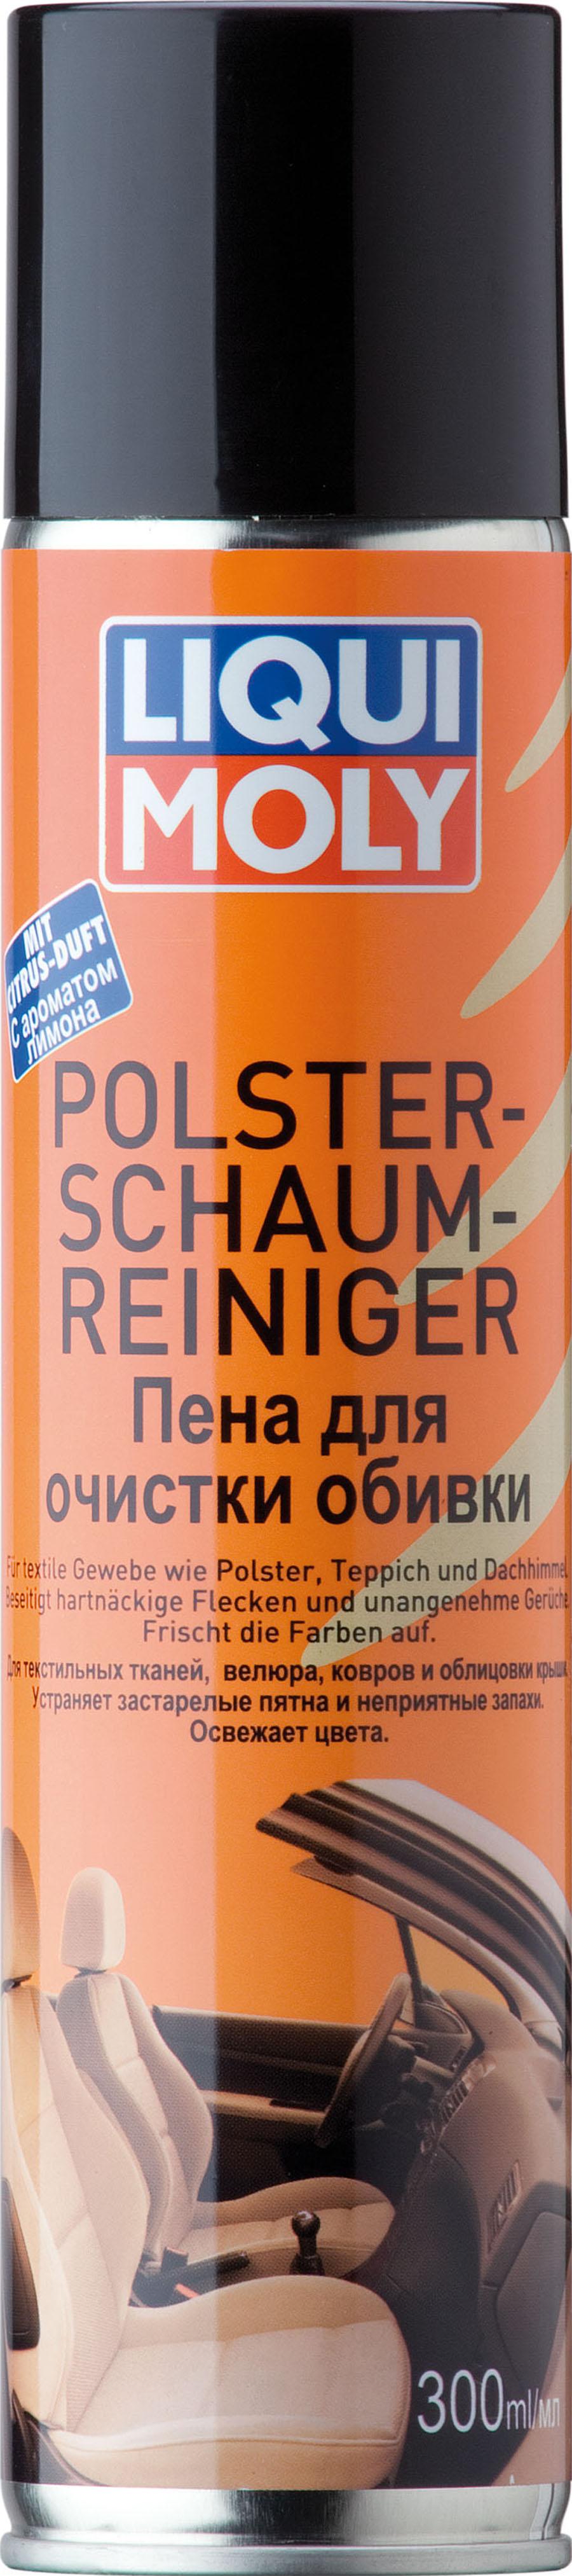 Пенный очиститель для текстиля Polster-Schaum-Reiniger